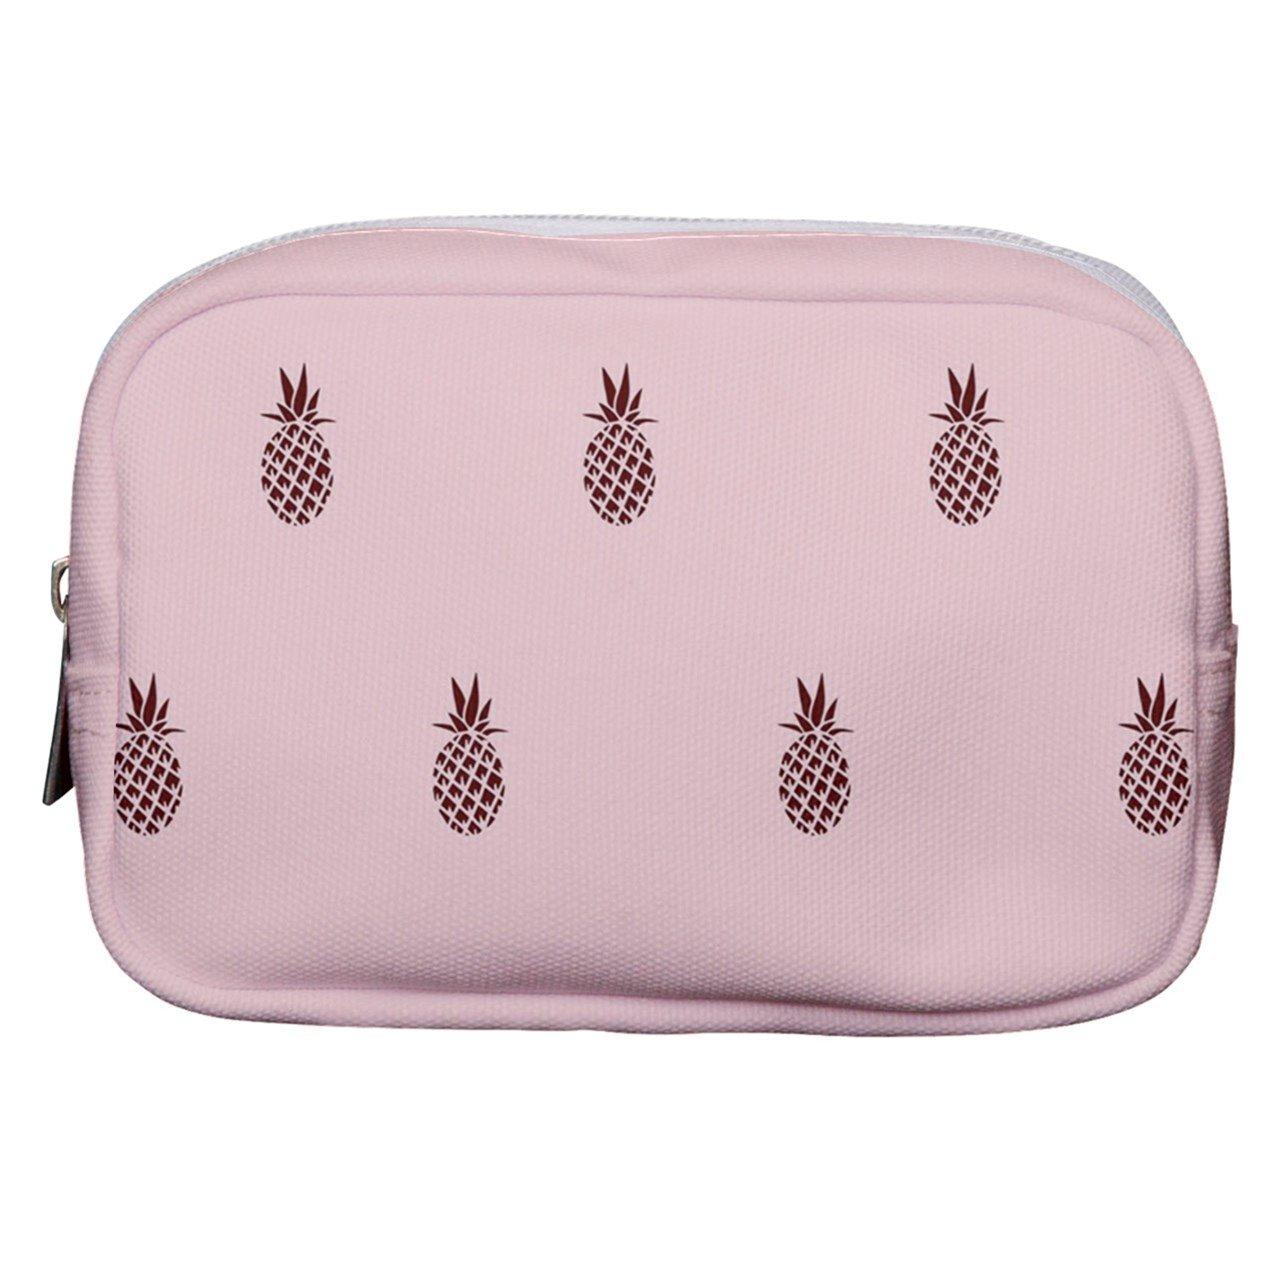 ポーチ- Pink Pineapple